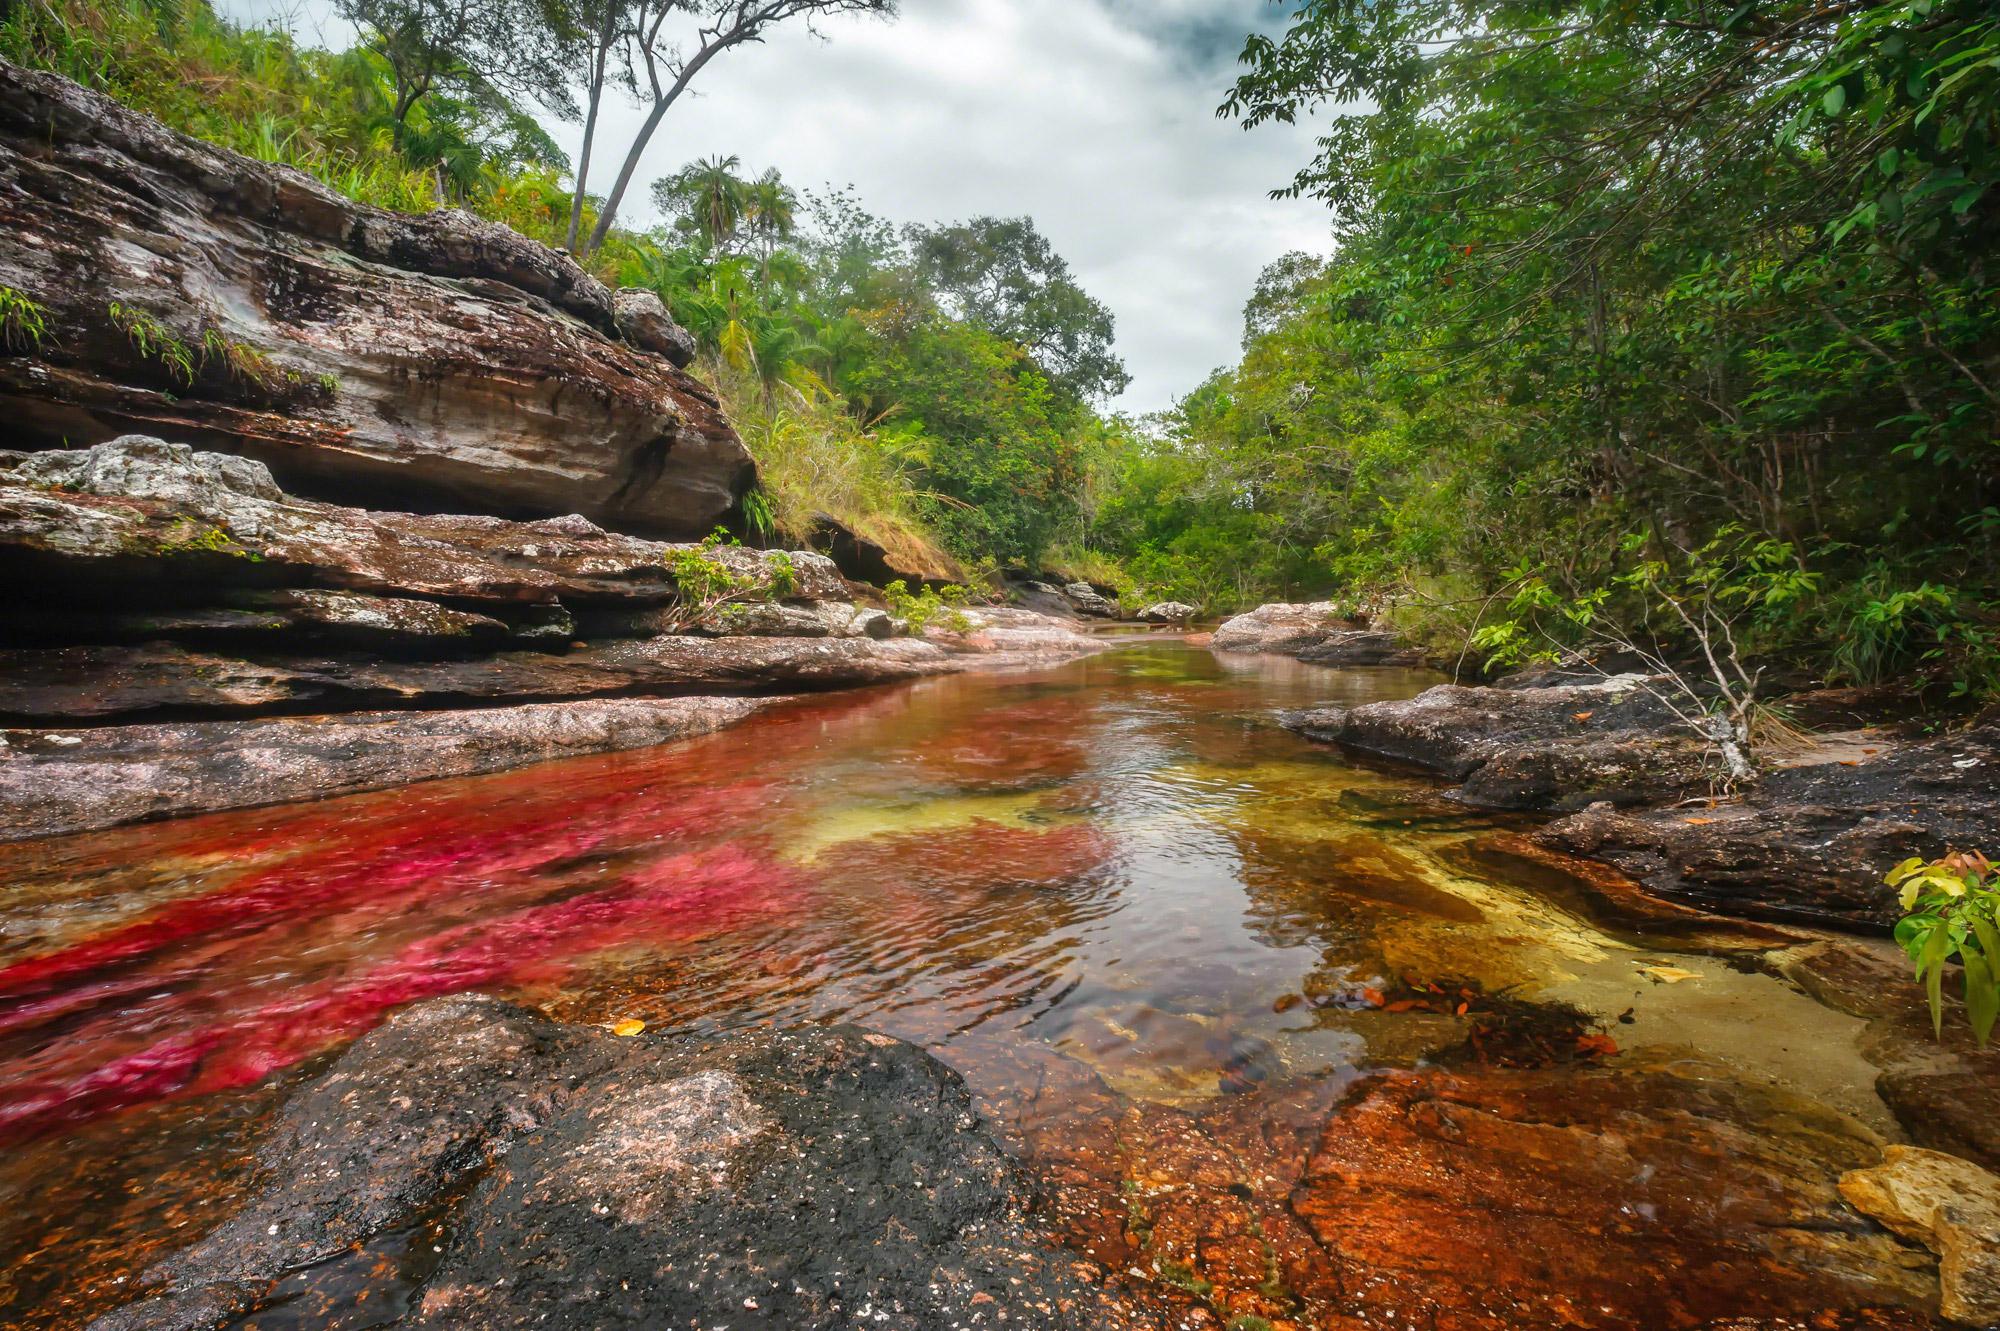 Cano-Cristales-el-rio-de-colores-en-La-Macarena-Meta